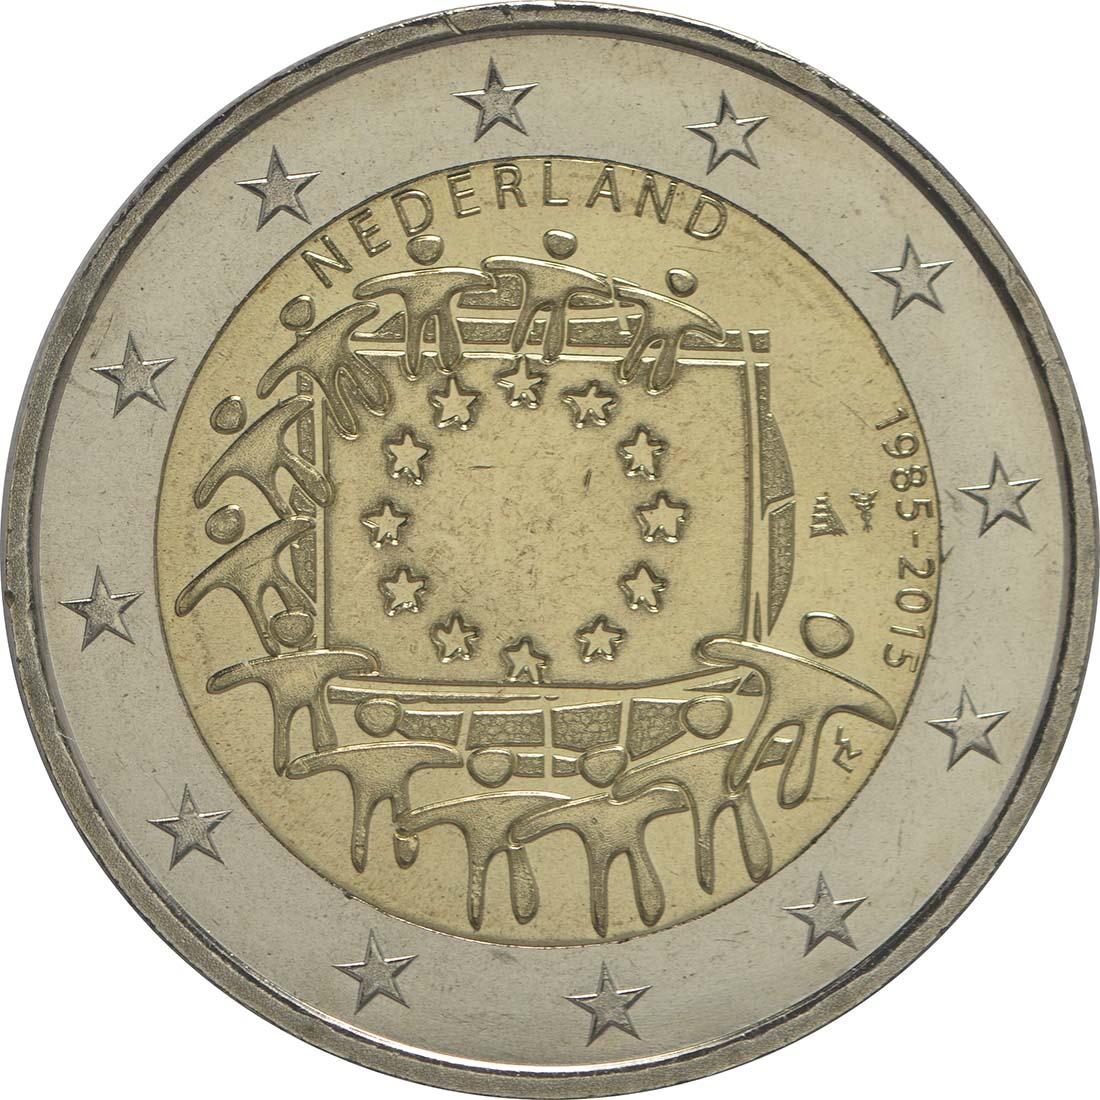 Bild der Rückseite :Niederlande - 2 Euro 30 Jahre Europäische Flagge  2015 bfr